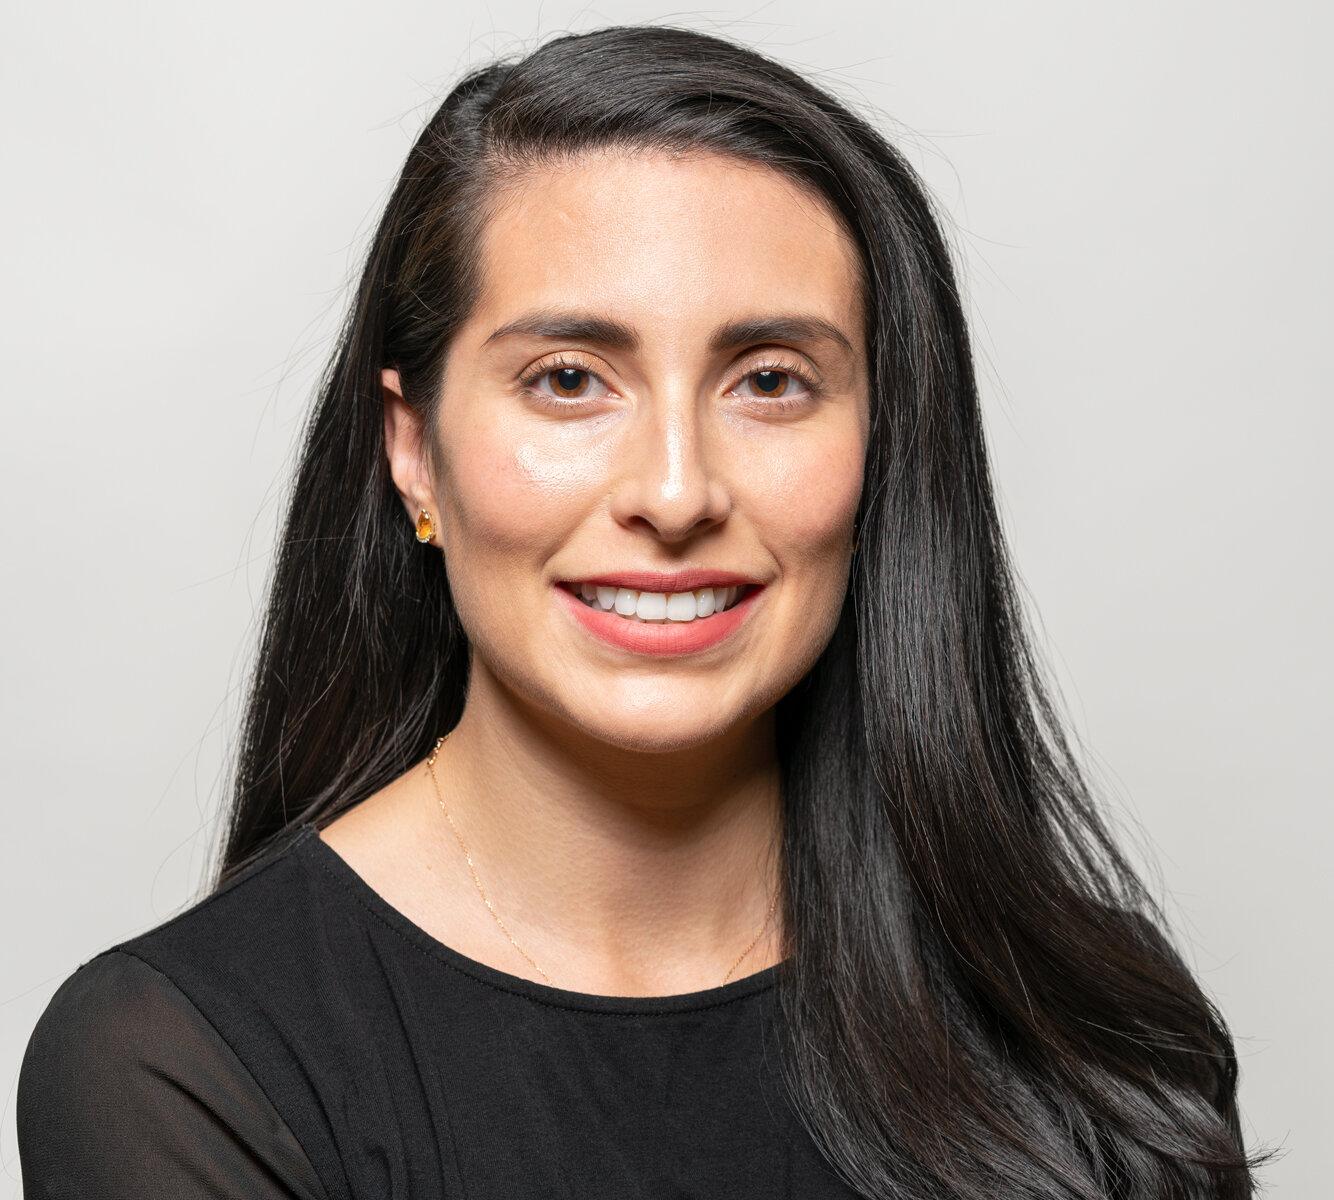 Dr. Carranza-Chahal